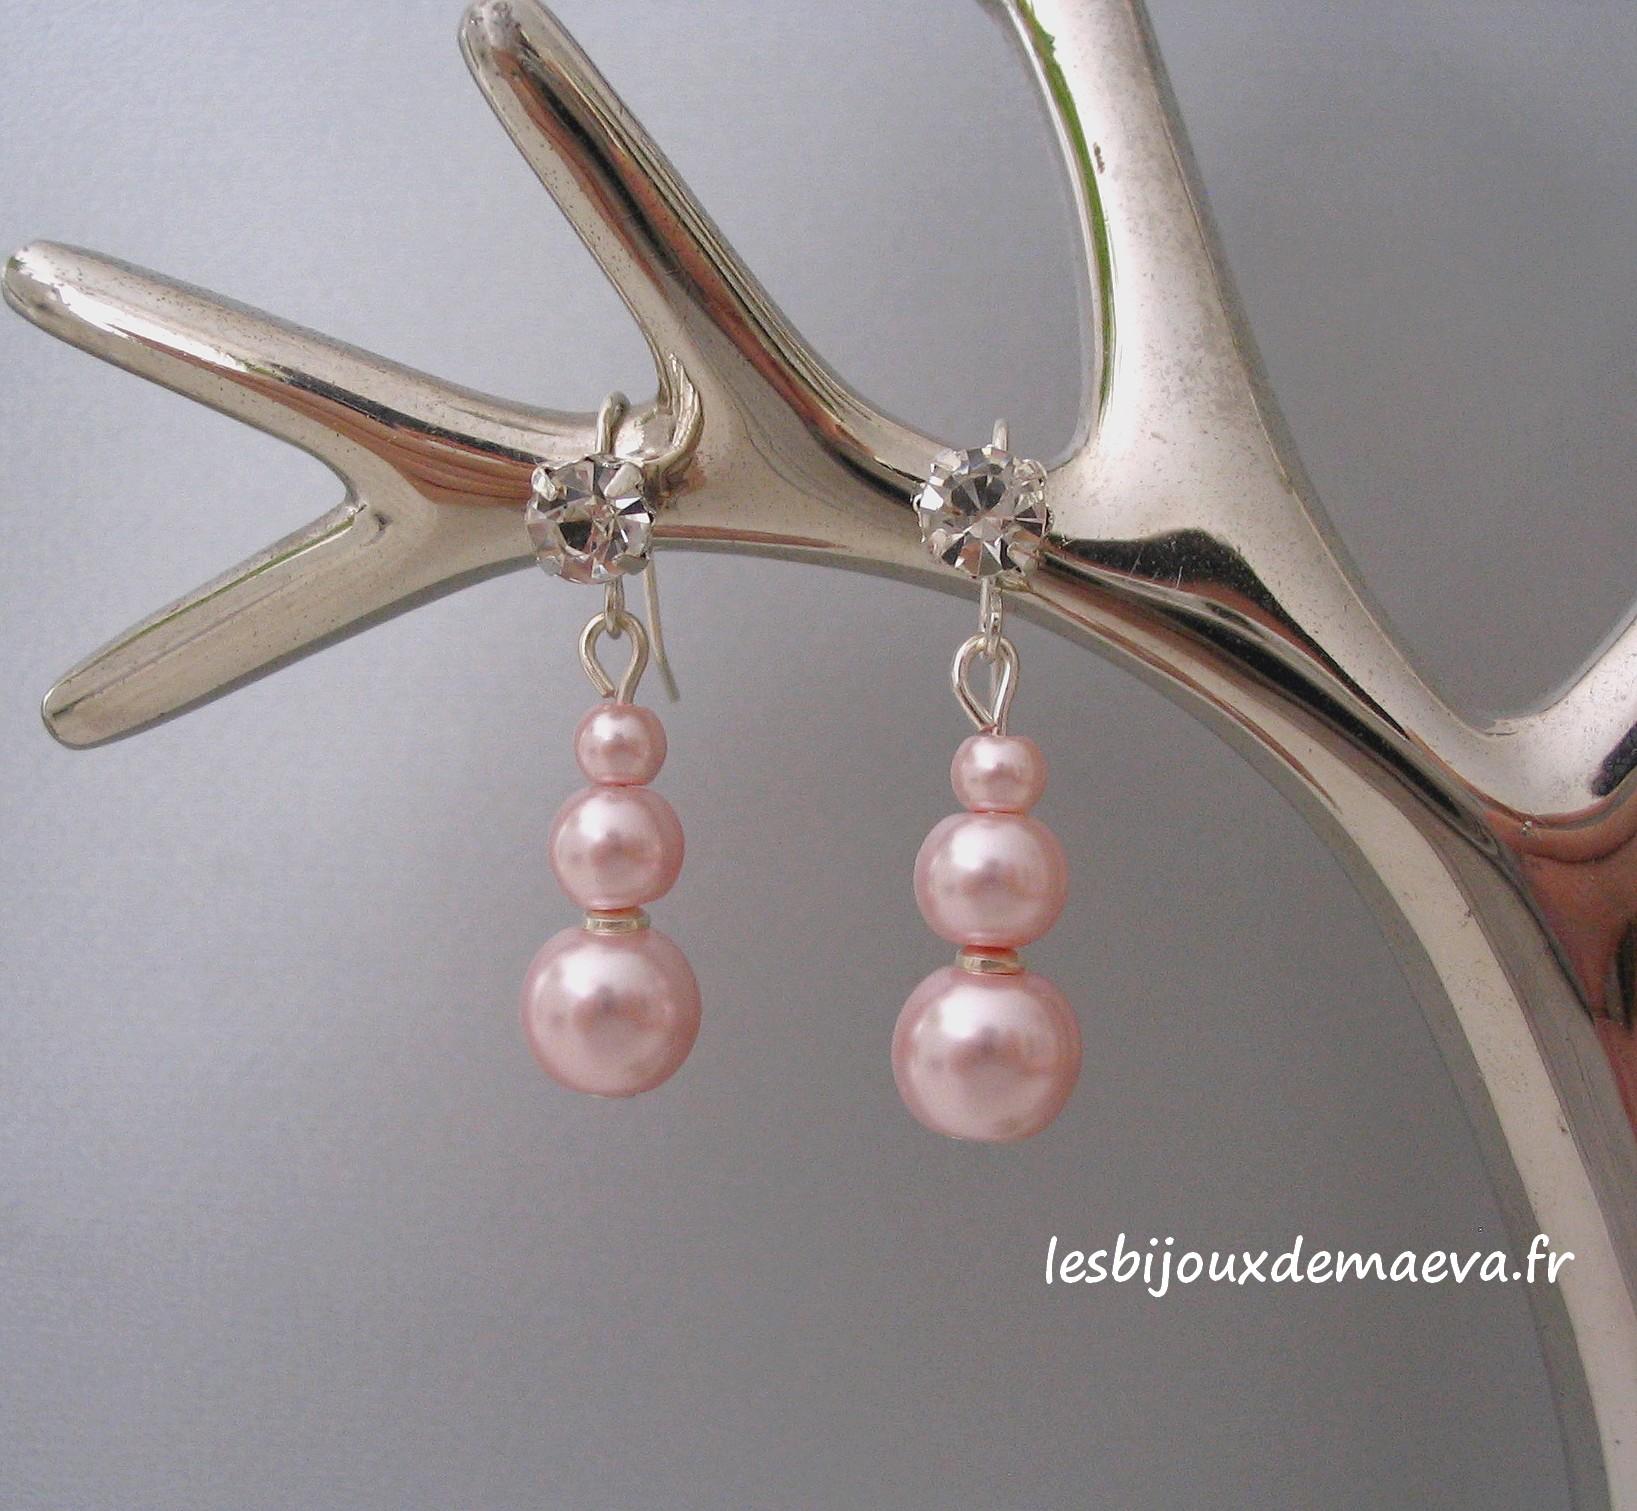 boucle d'oreille 3 perles